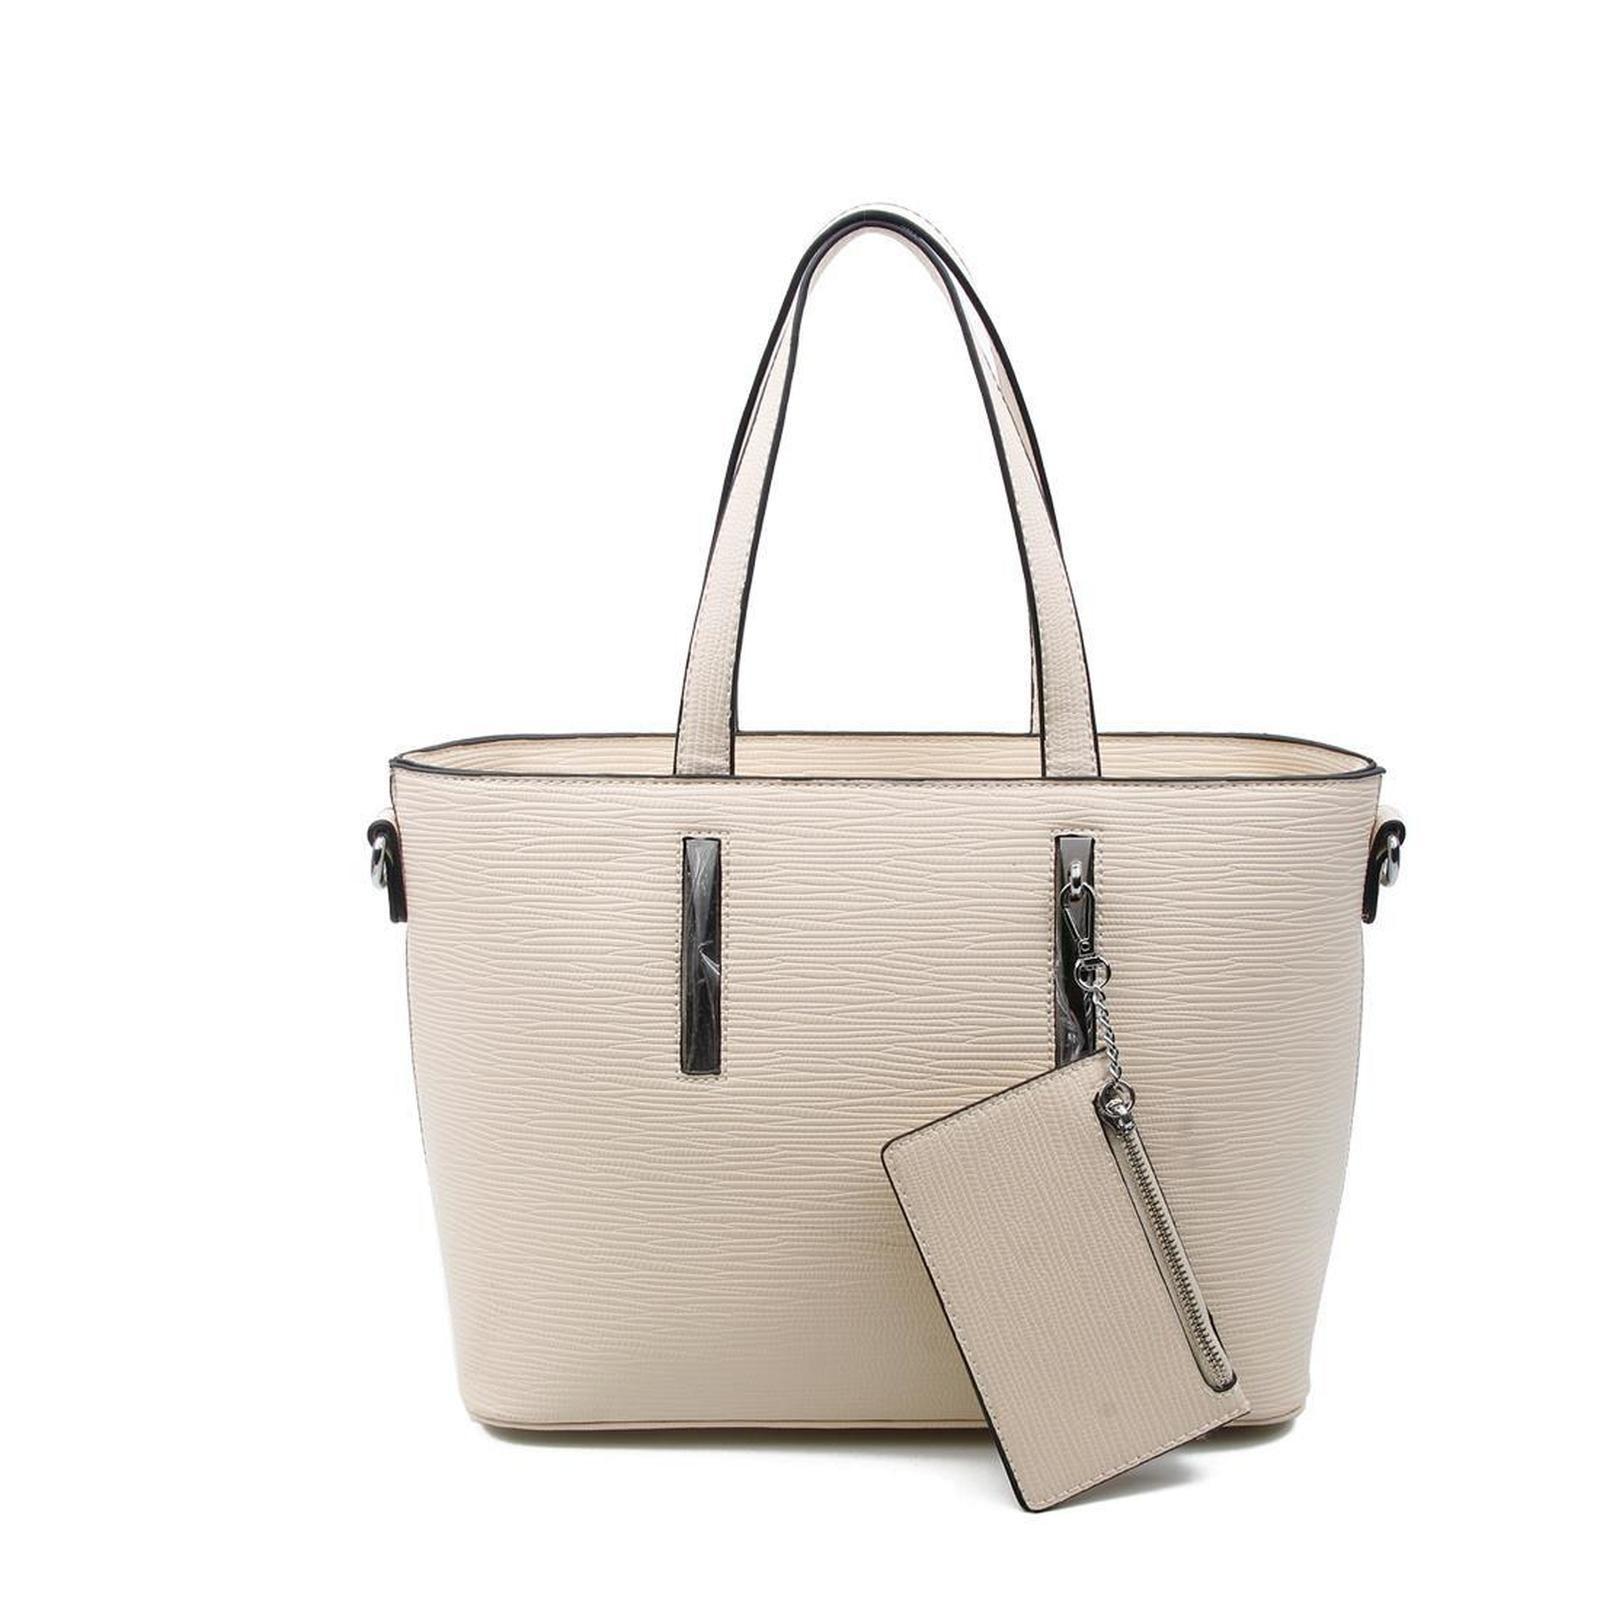 73486ea22c76b OBC Damen Business Tasche Shopper Workbag Schultertasche Umhängetasche  Handtasche Henkeltasche Beige